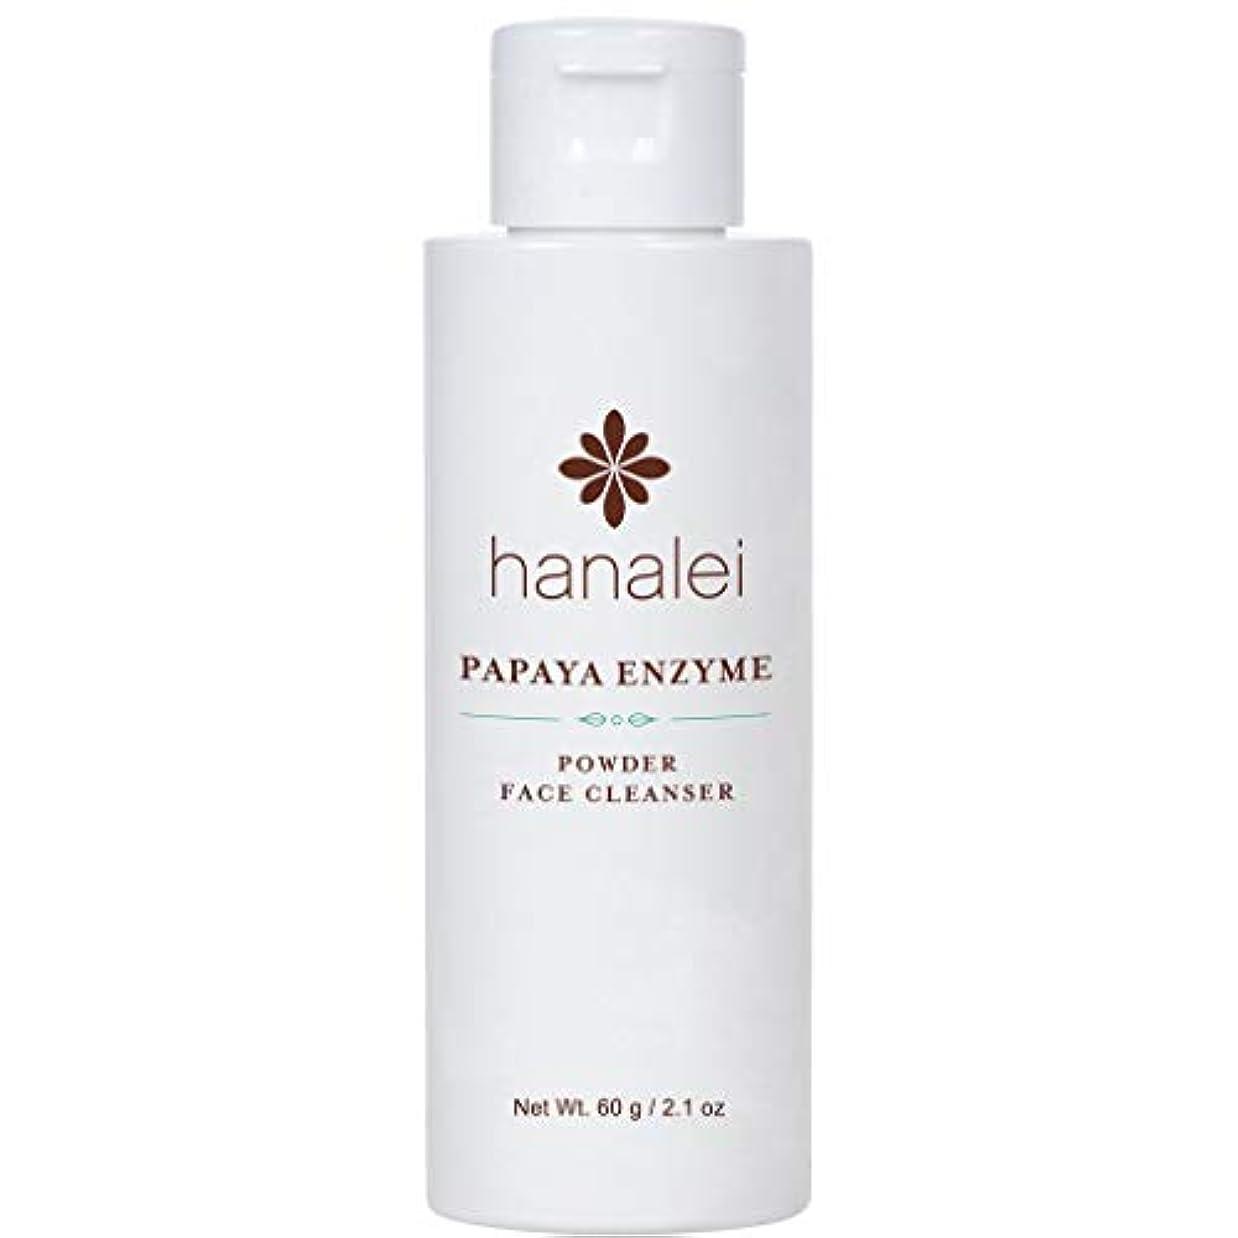 宇宙の所有者微視的Hanalei (ハナレイ)パパイヤ酵素洗顔料 (Papaya Enzyme Powder Facial Cleanser) (60g)